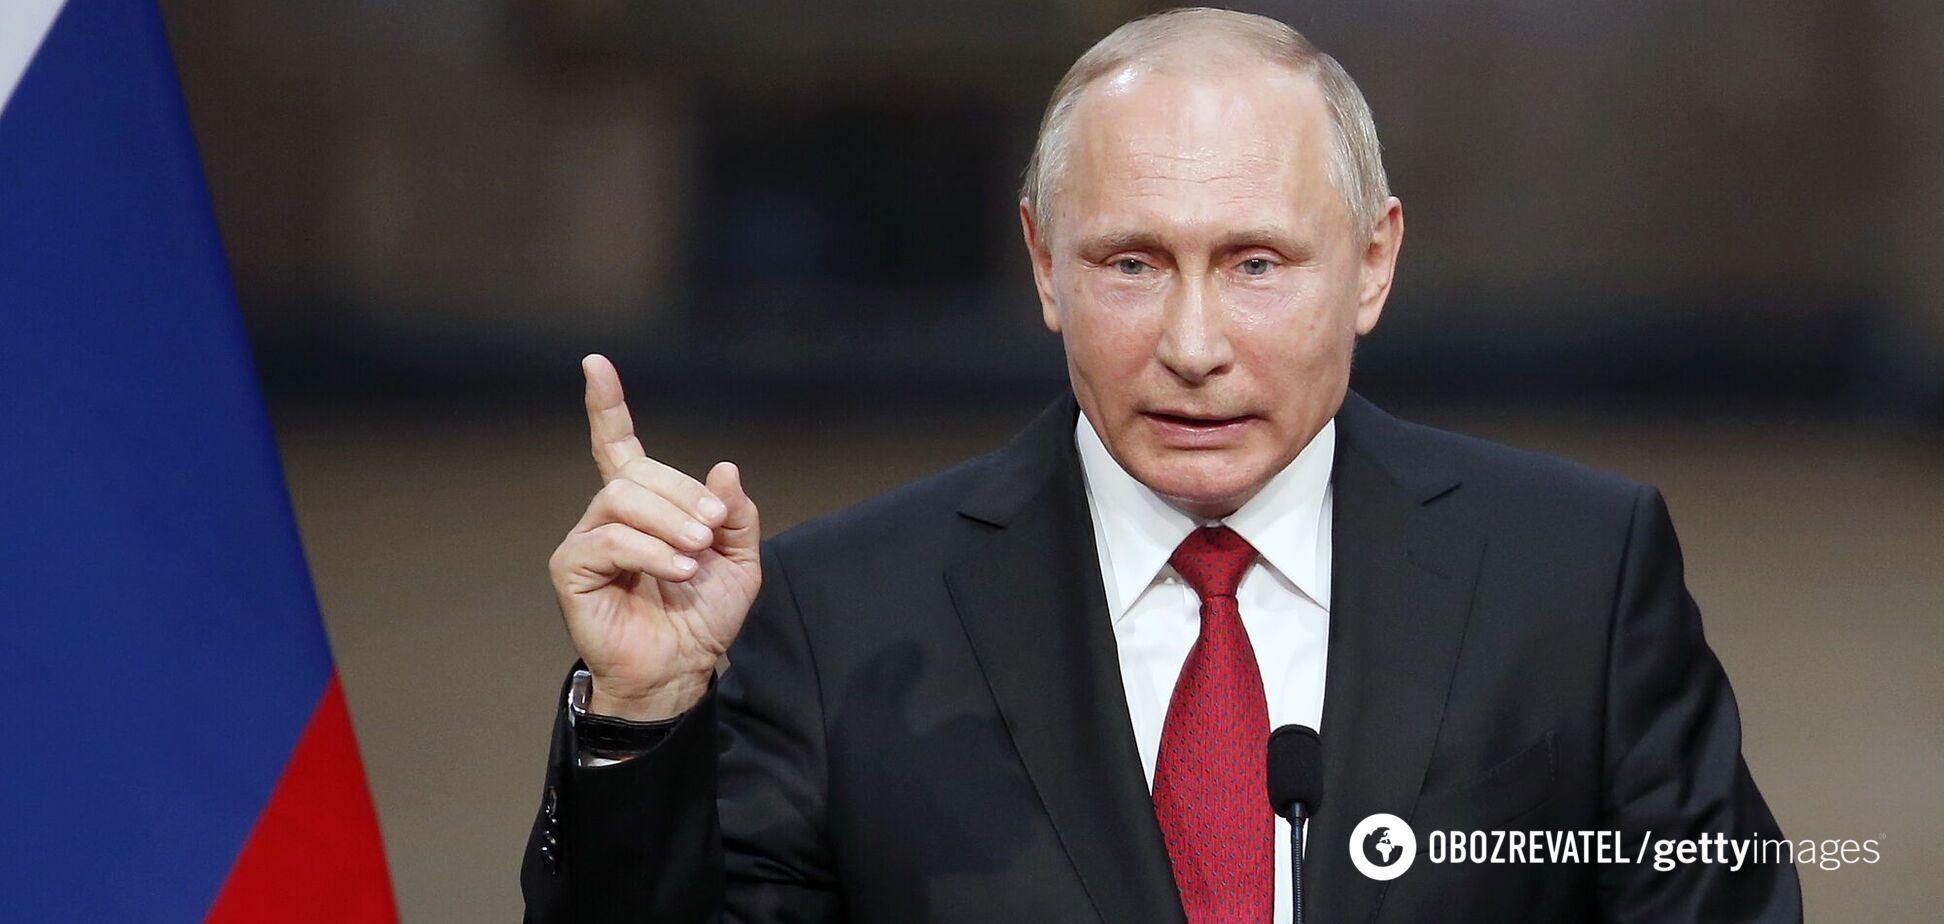 У Путіна поскаржилися, що не отримали конкретних пропозицій щодо зустрічі із Зеленським